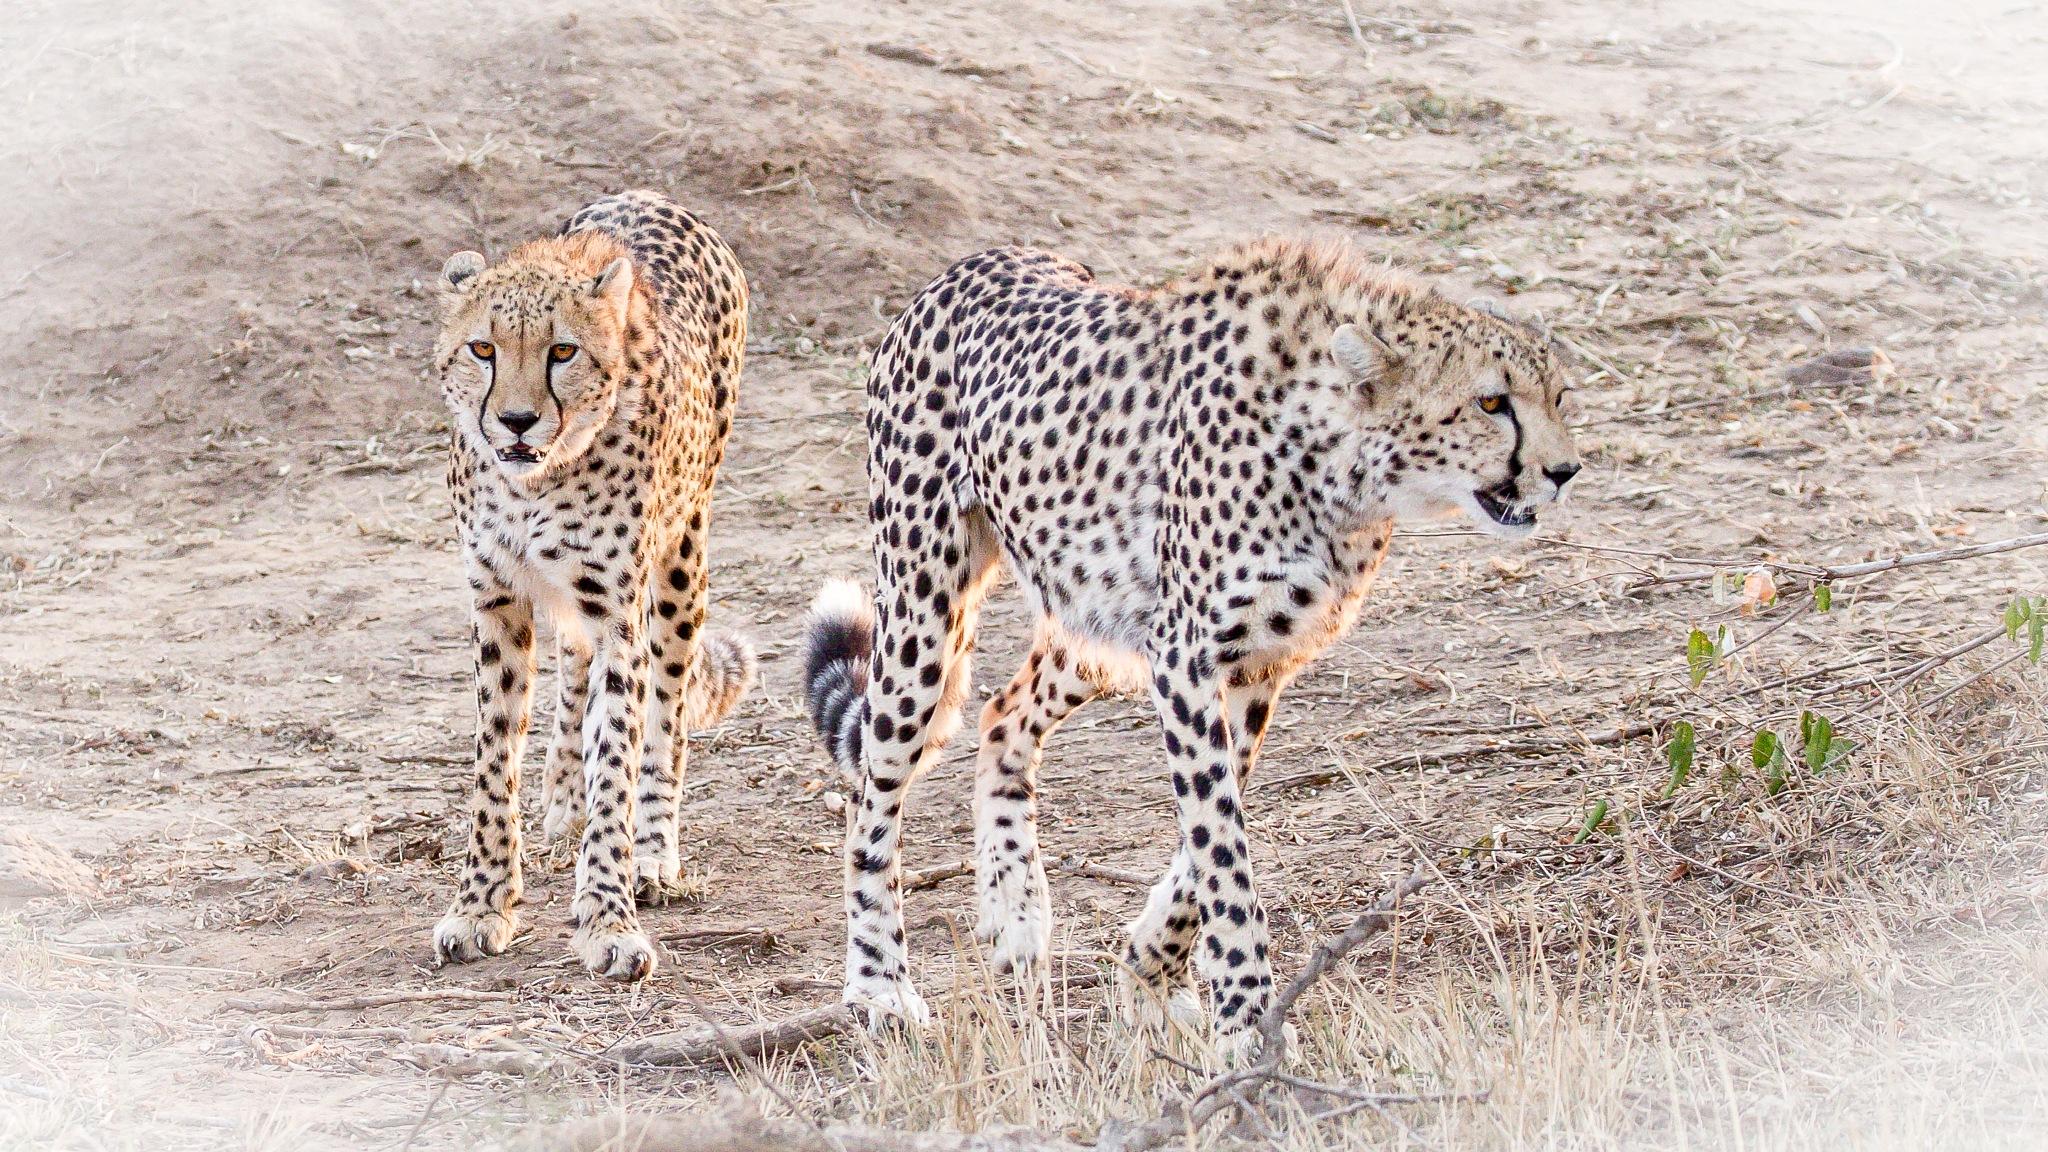 Cheetahs by Janaka